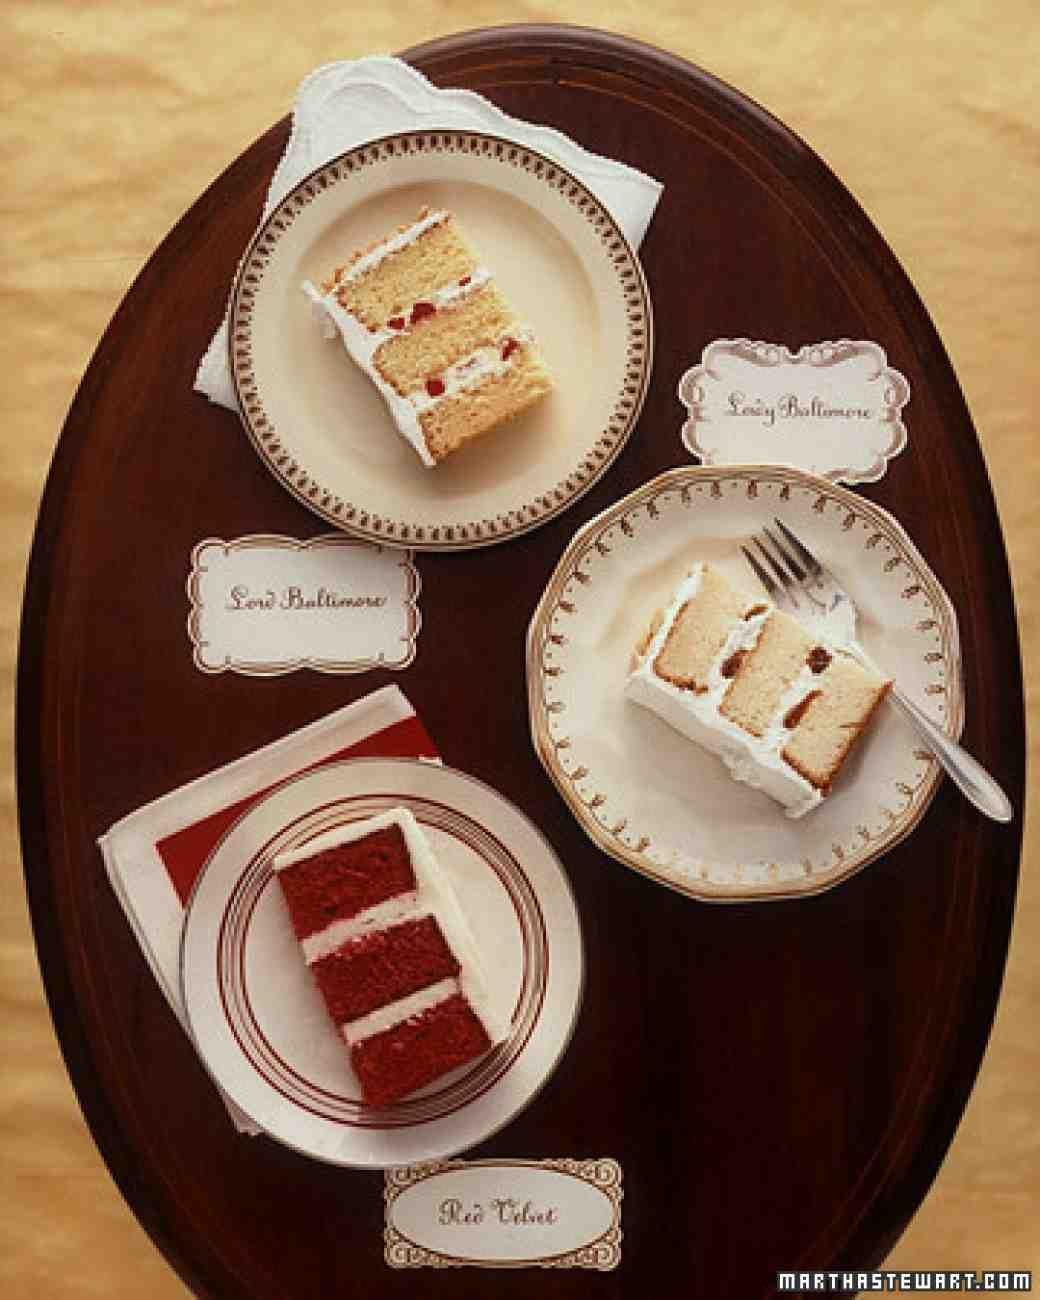 Red Velvet Cake Martha Stewart Weddings Planning Tools Red Velvet Cake Velvet Cake Recipes Velvet Cake